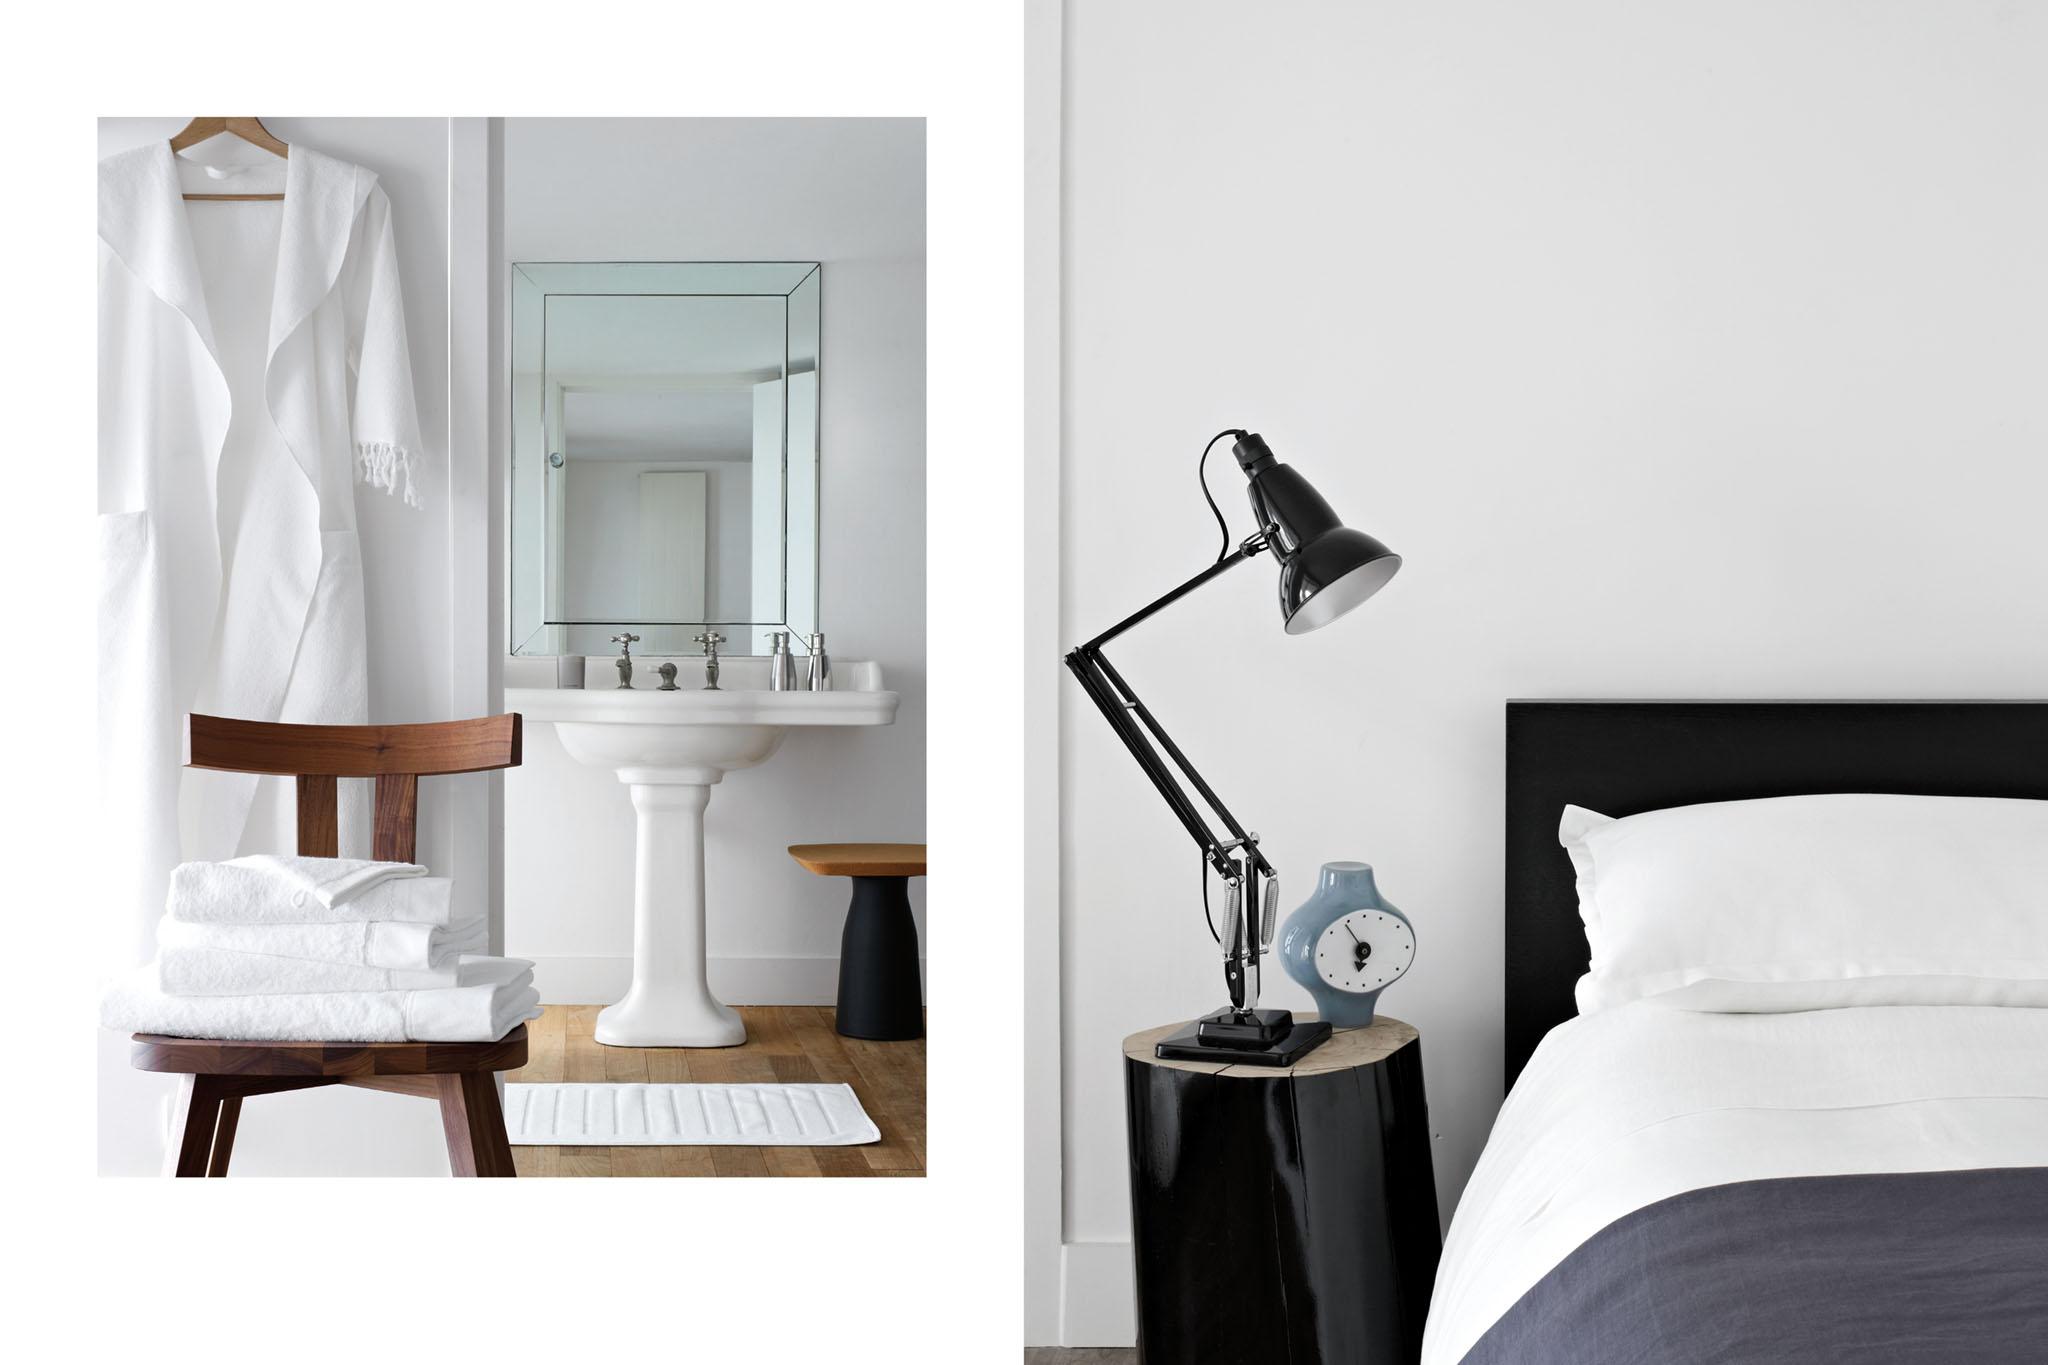 PRINTEMPS Catalogue Maison Déco Décoration Design Icône Mobilier Printemps Haussmann